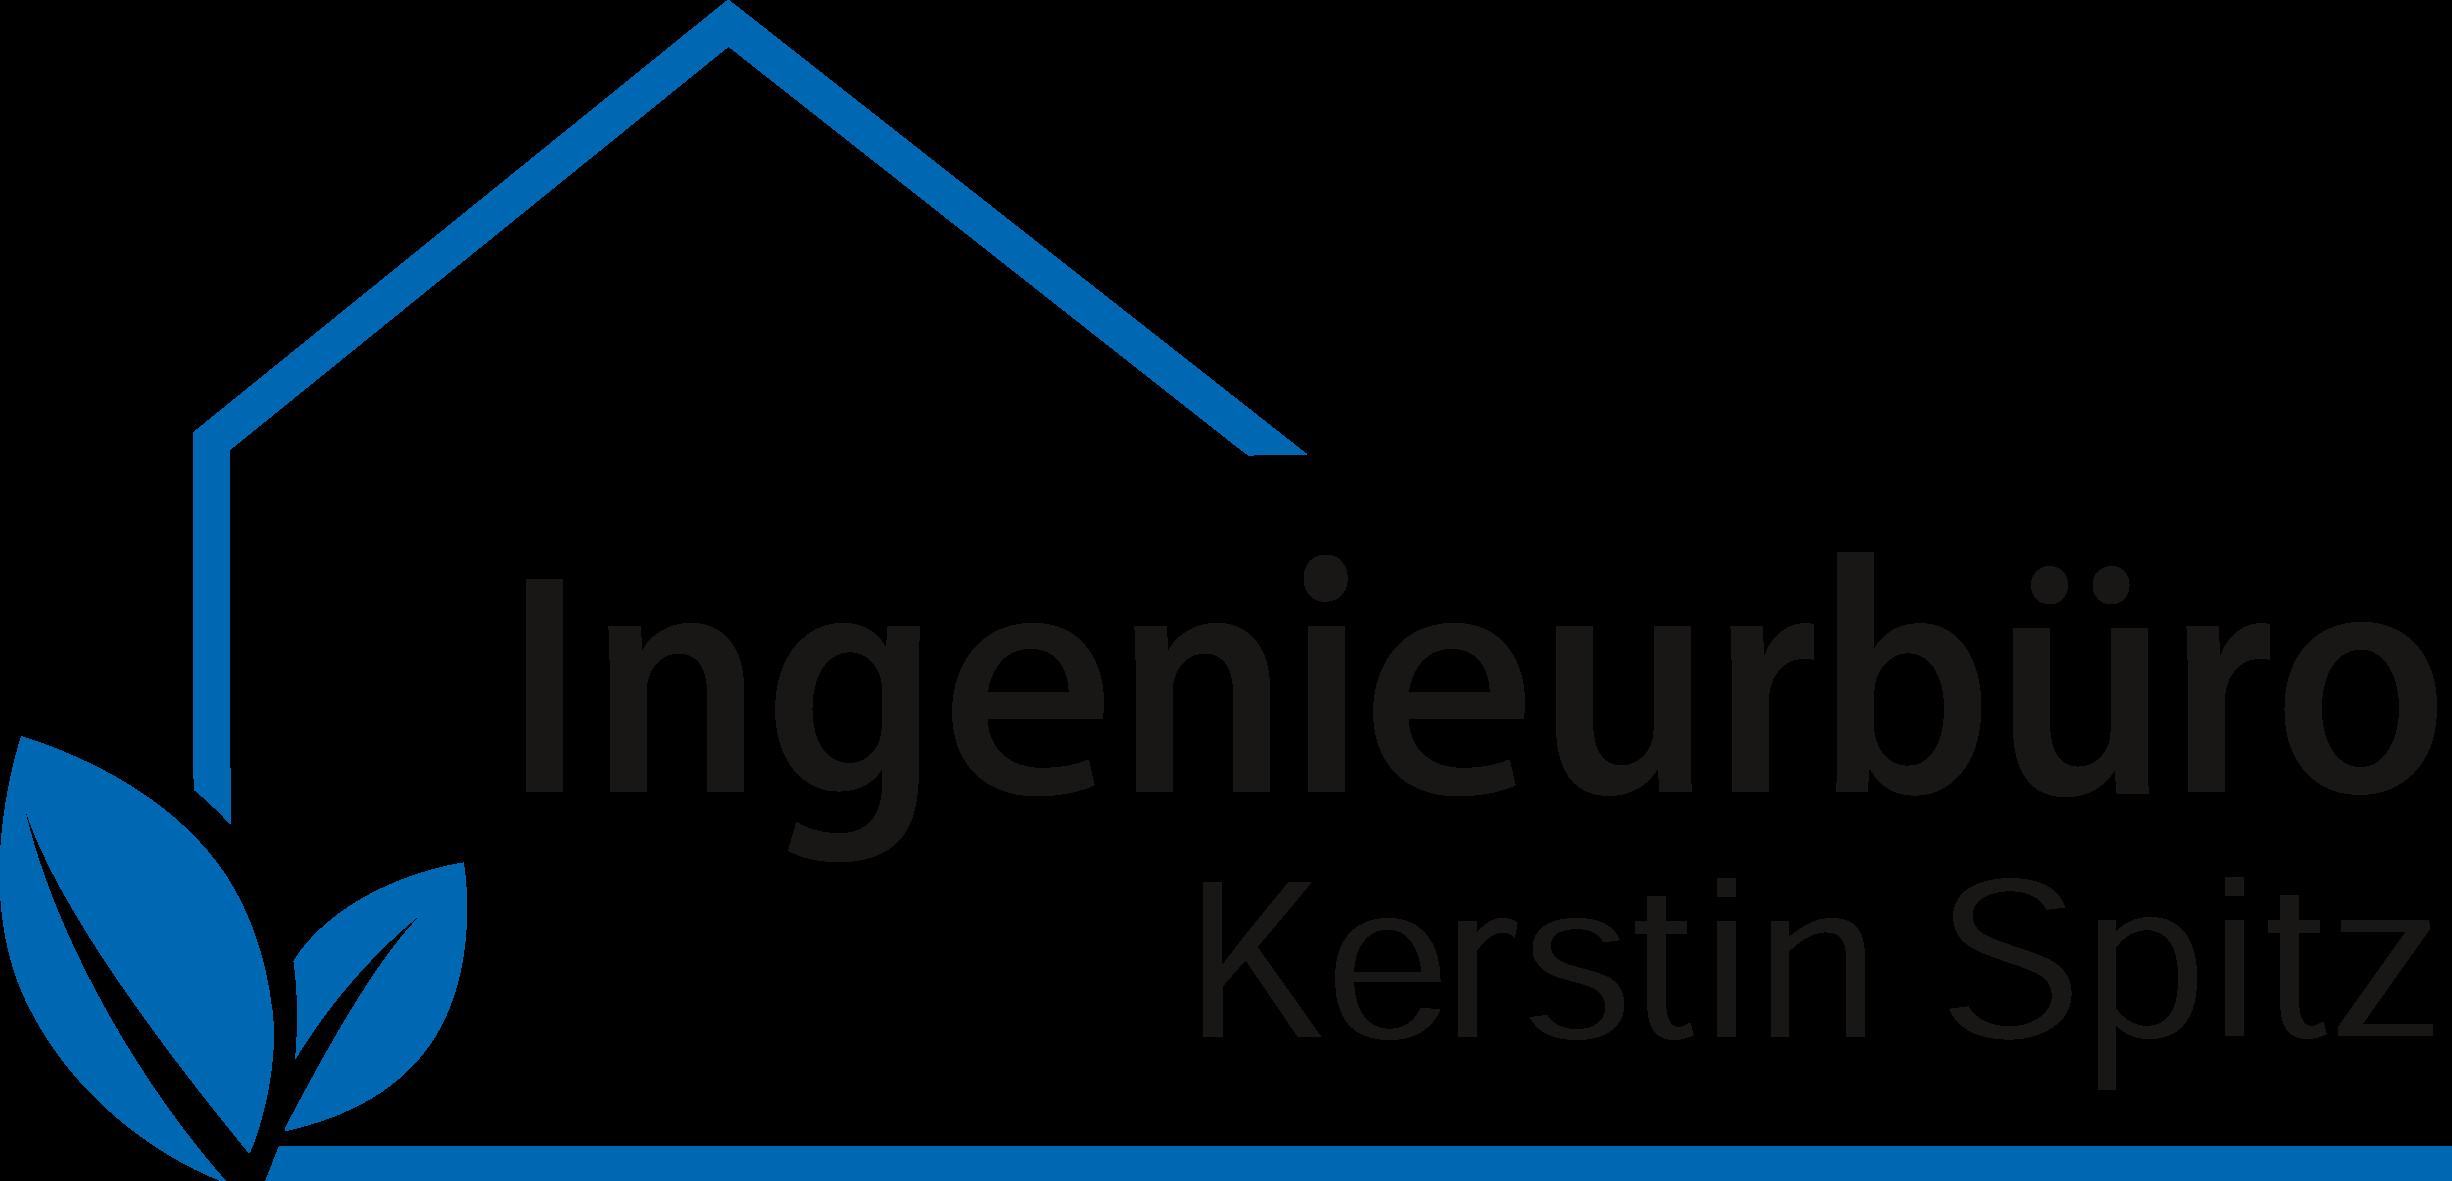 Ingenieurbüro Kerstin Spitz, Bernburg